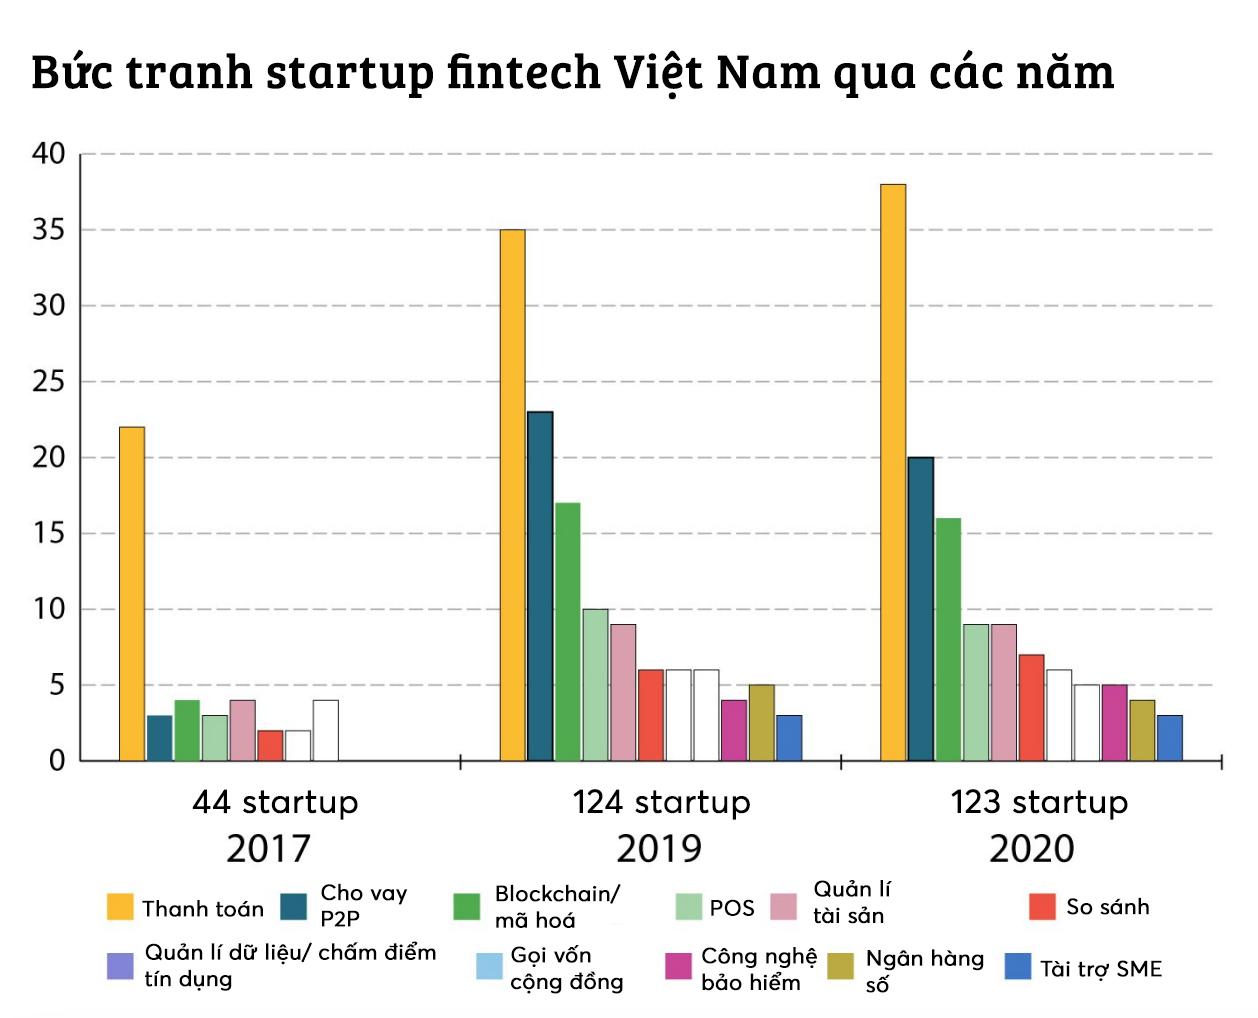 Số lượng startup fintech ở Việt Nam tăng 3 lần kể từ năm 2017 - Ảnh 2.